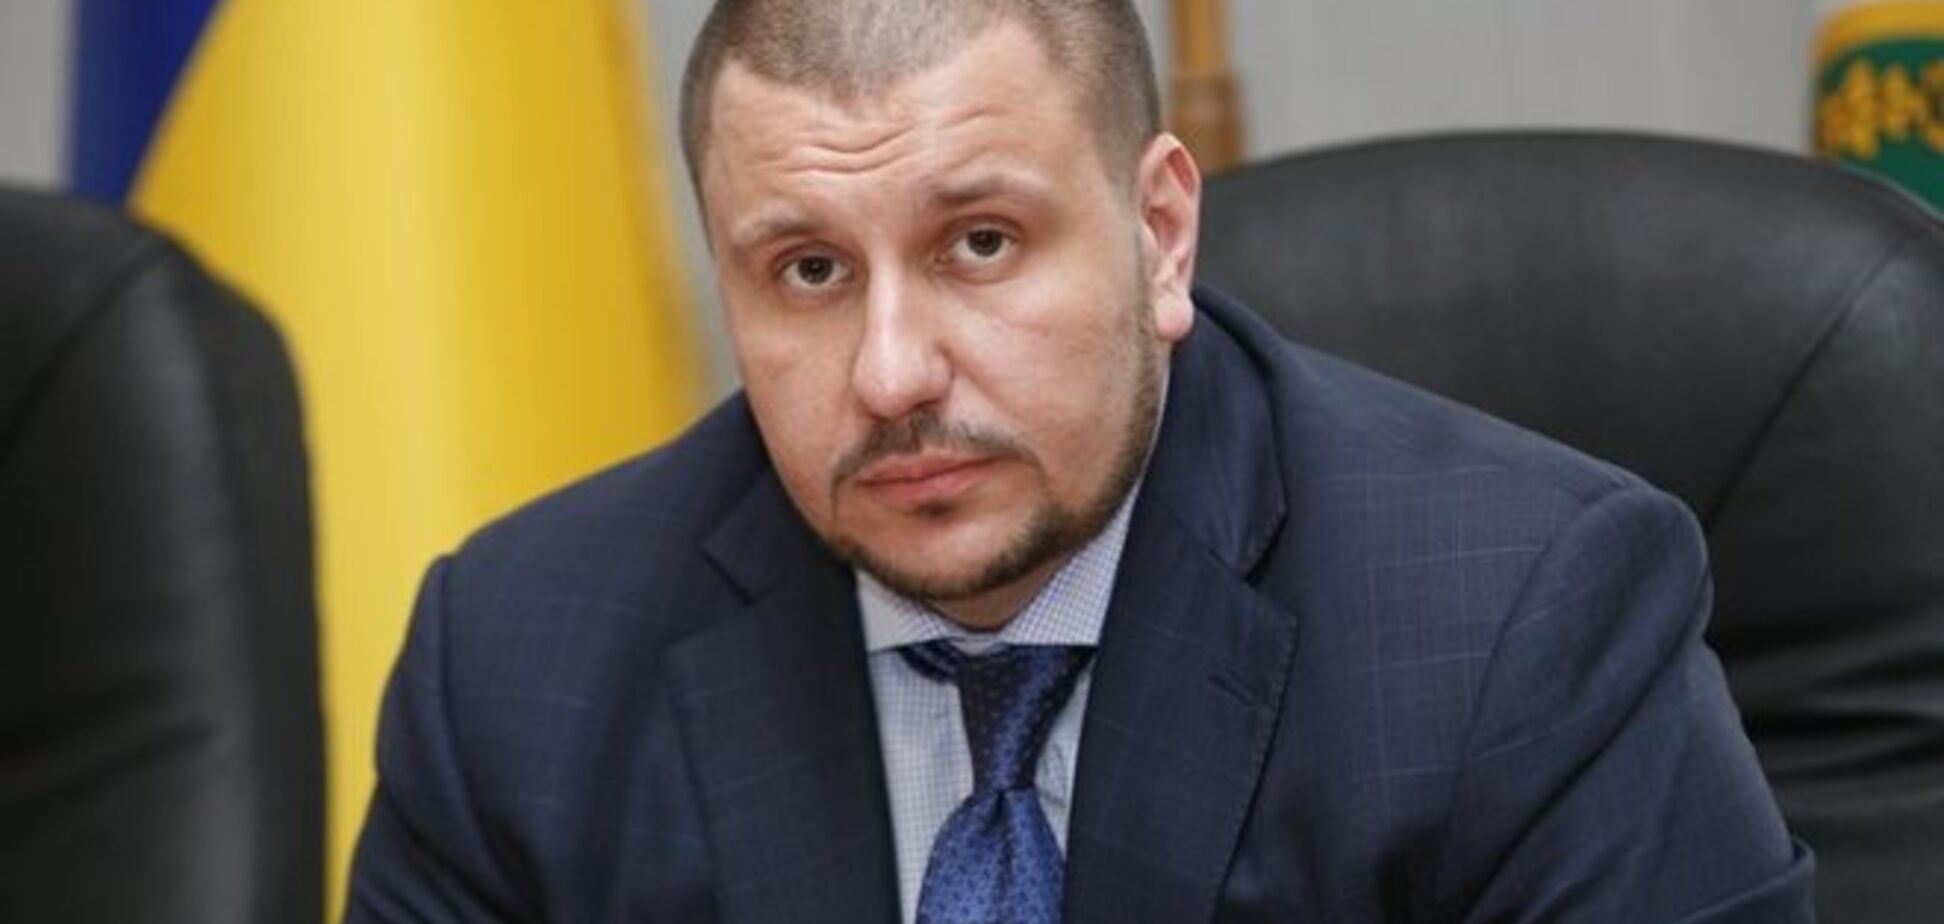 Против Клименко открыто уголовное производство